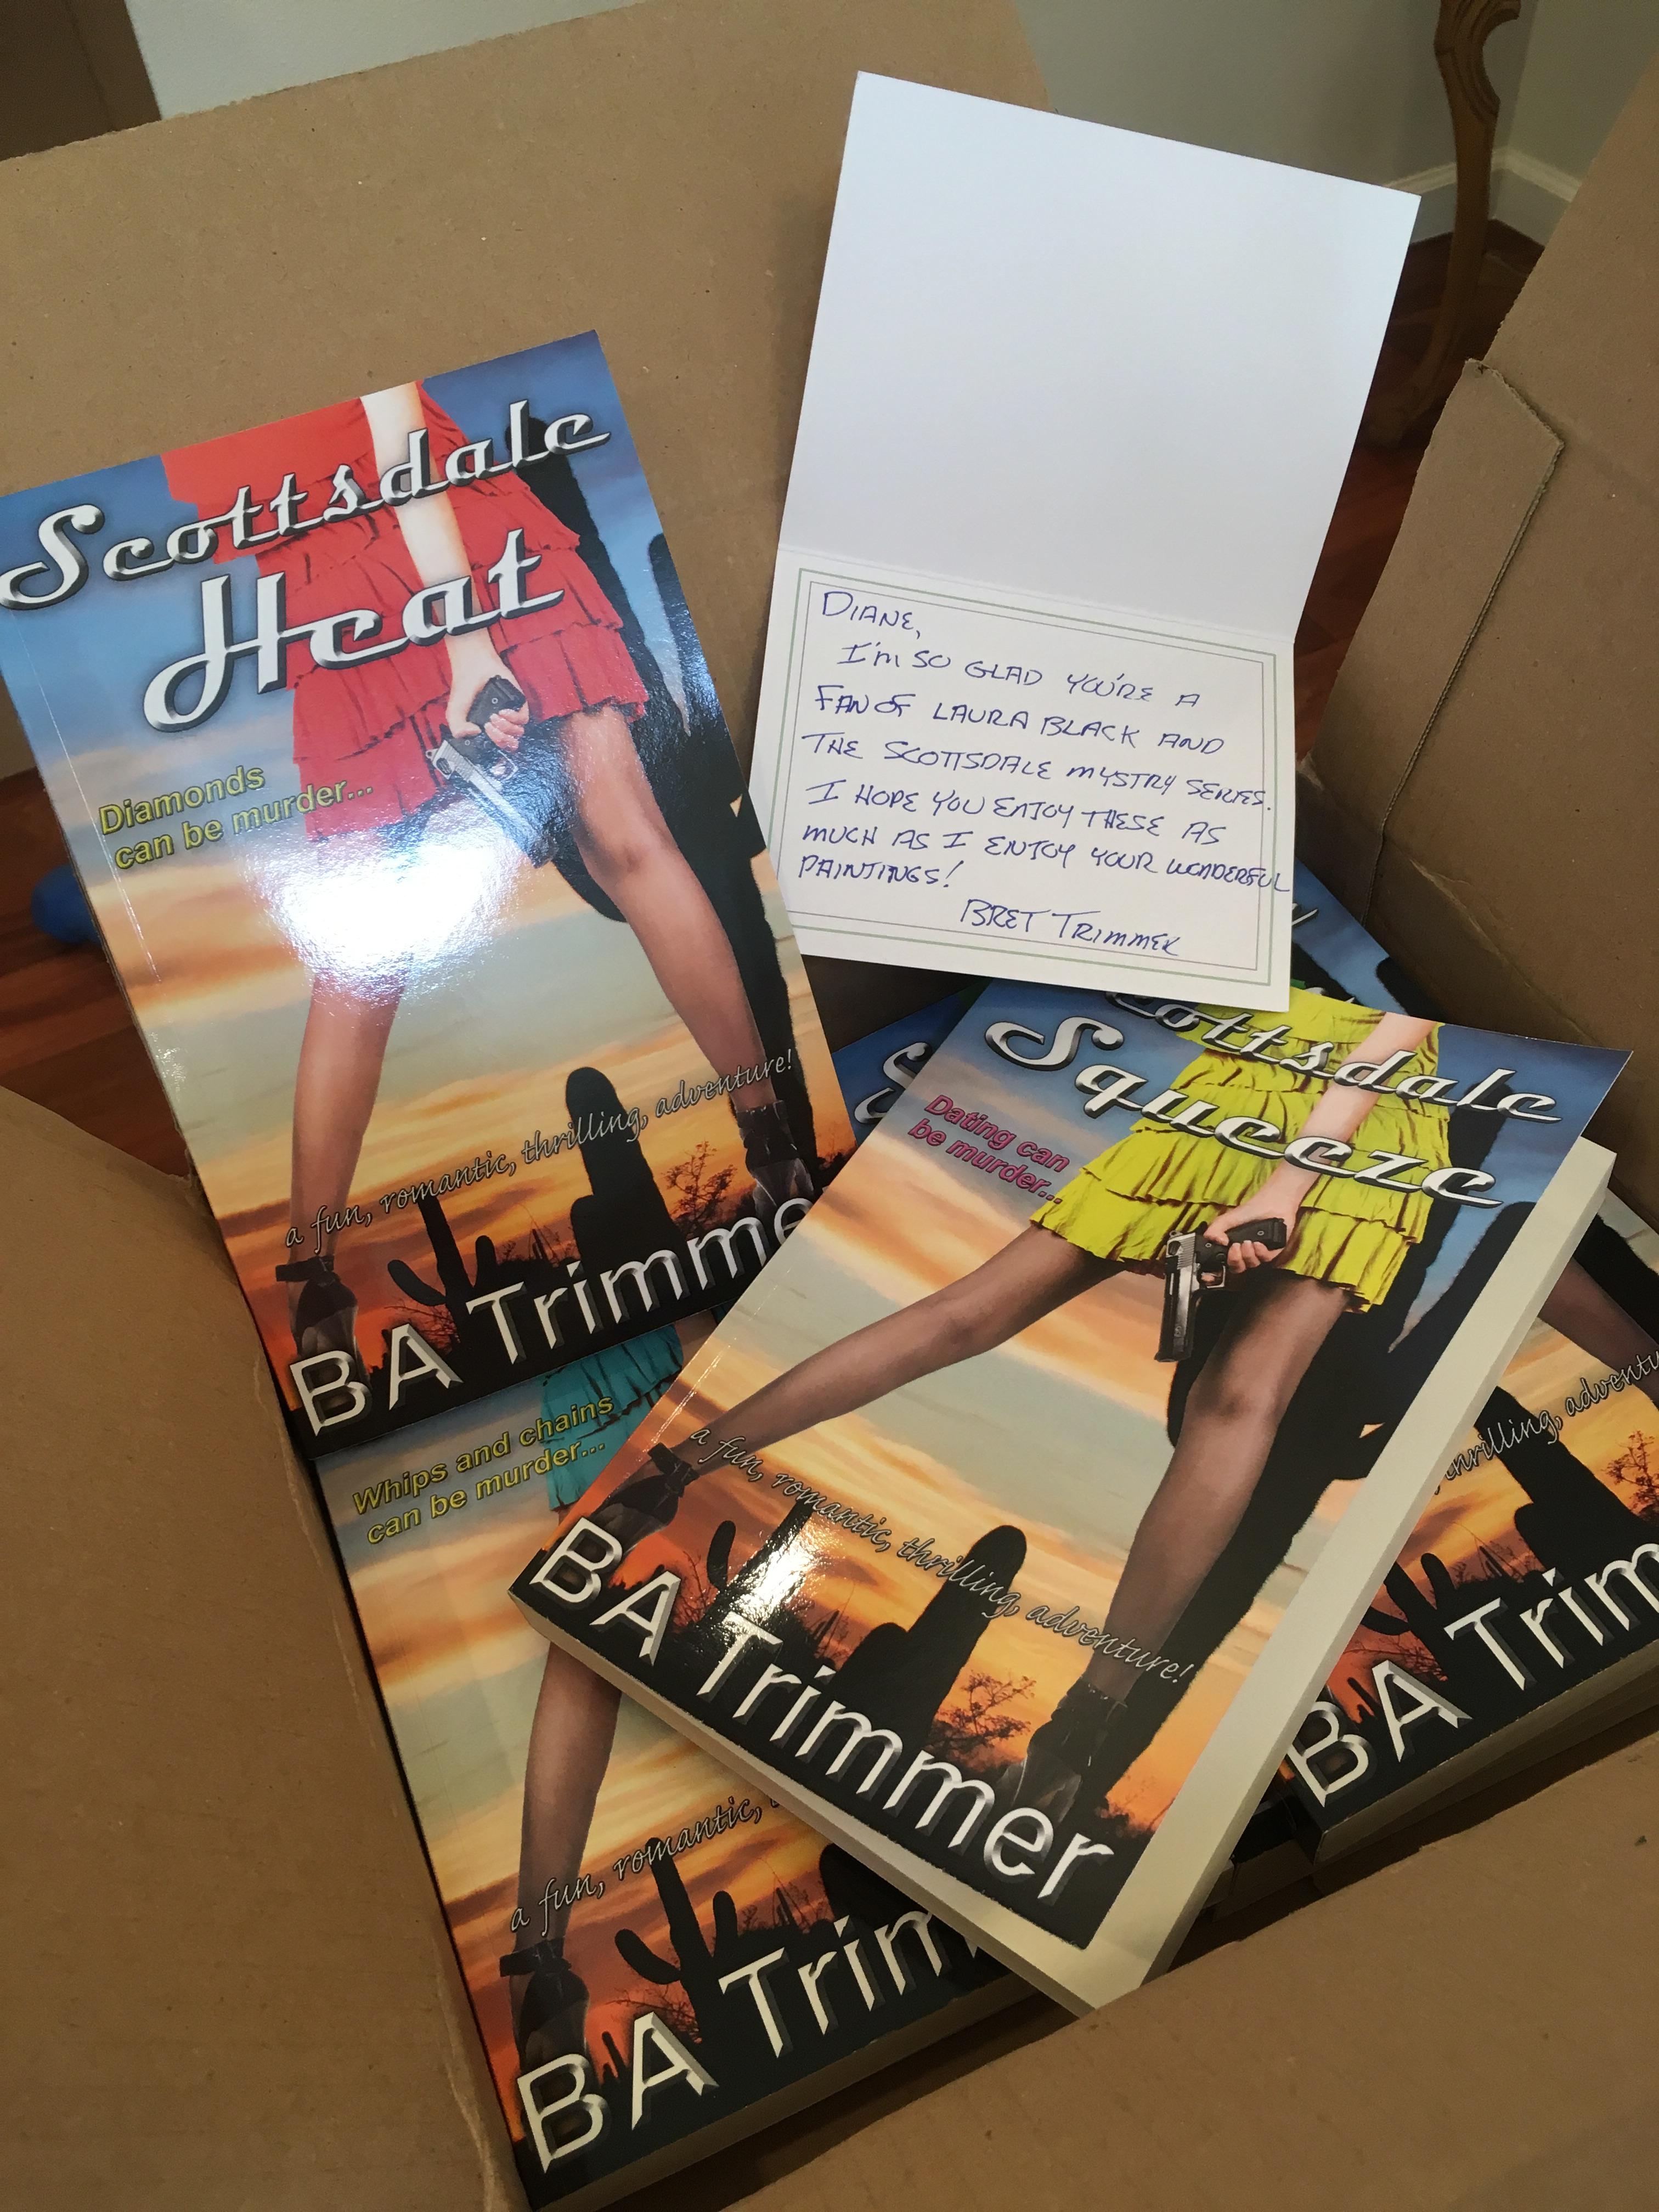 B.A. Trimmer sent me....